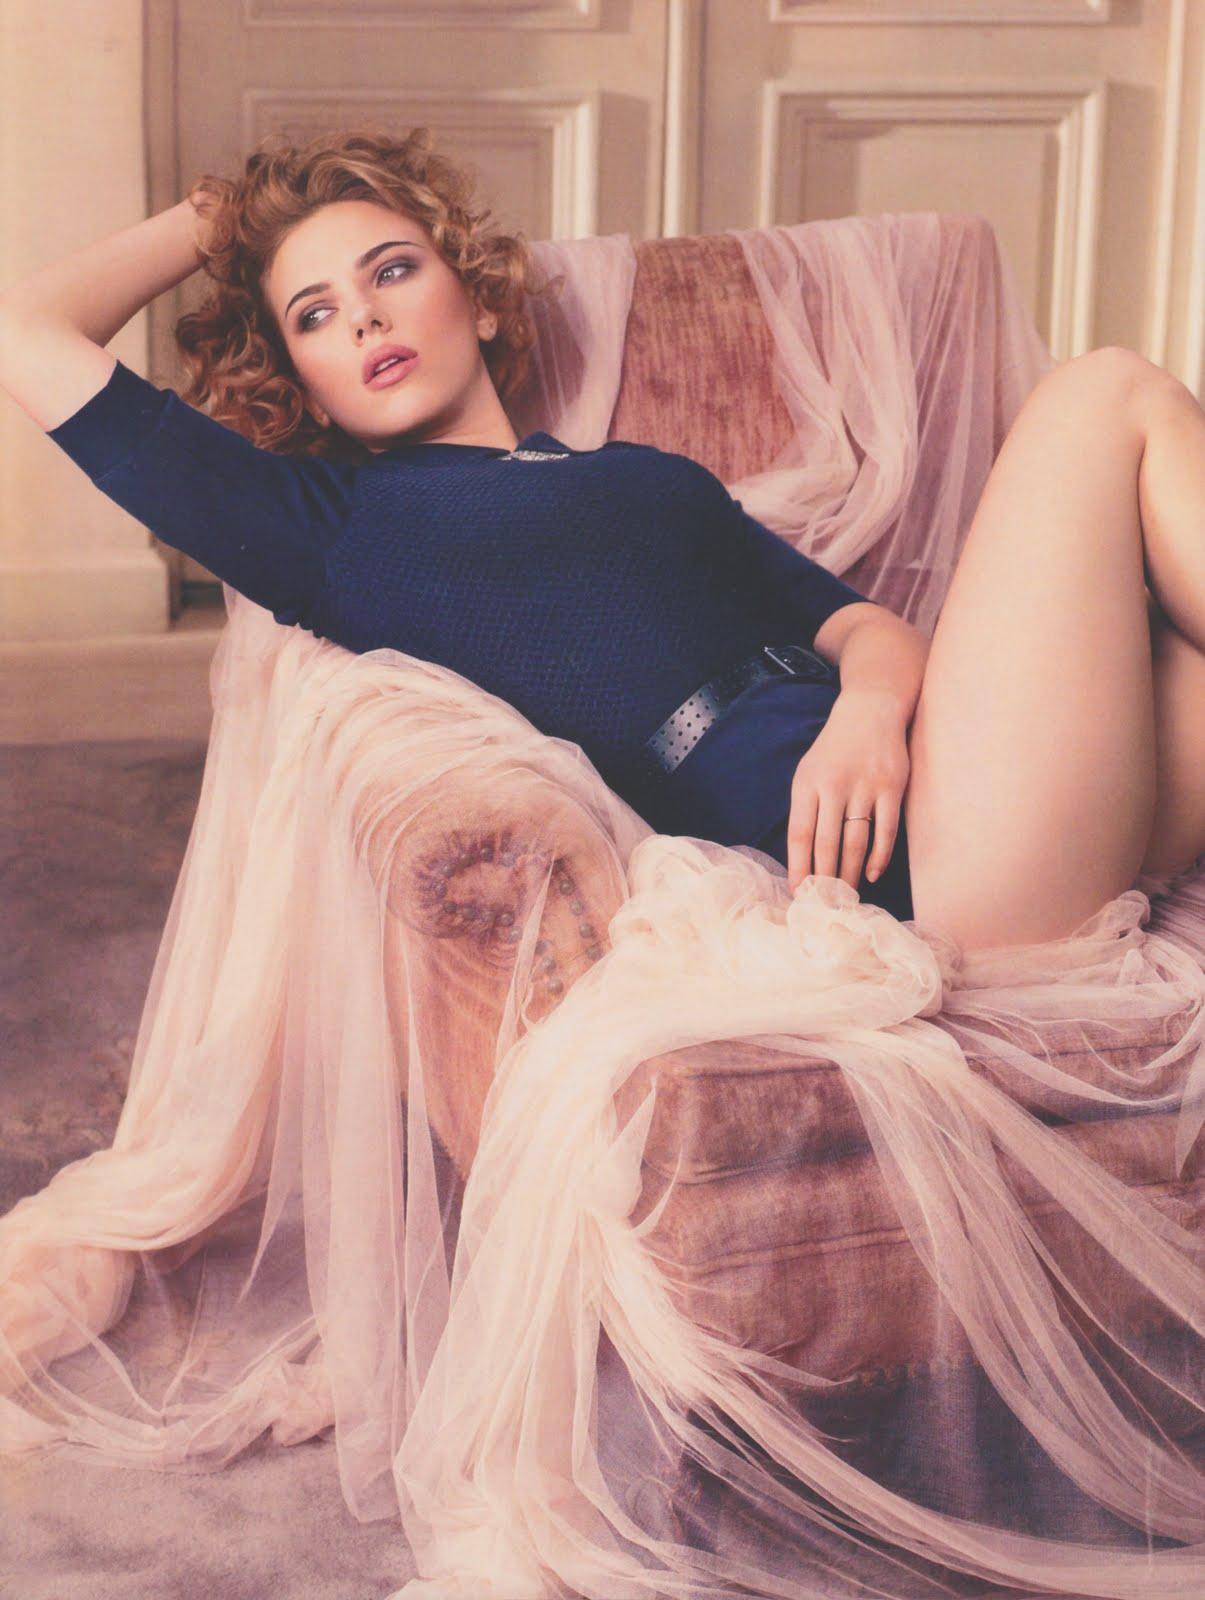 http://1.bp.blogspot.com/_mKeaqyocUS0/TEd9yL27rcI/AAAAAAAABgs/sSiU8Oc0LEU/s1600/Scarlett_InStyle06.jpg